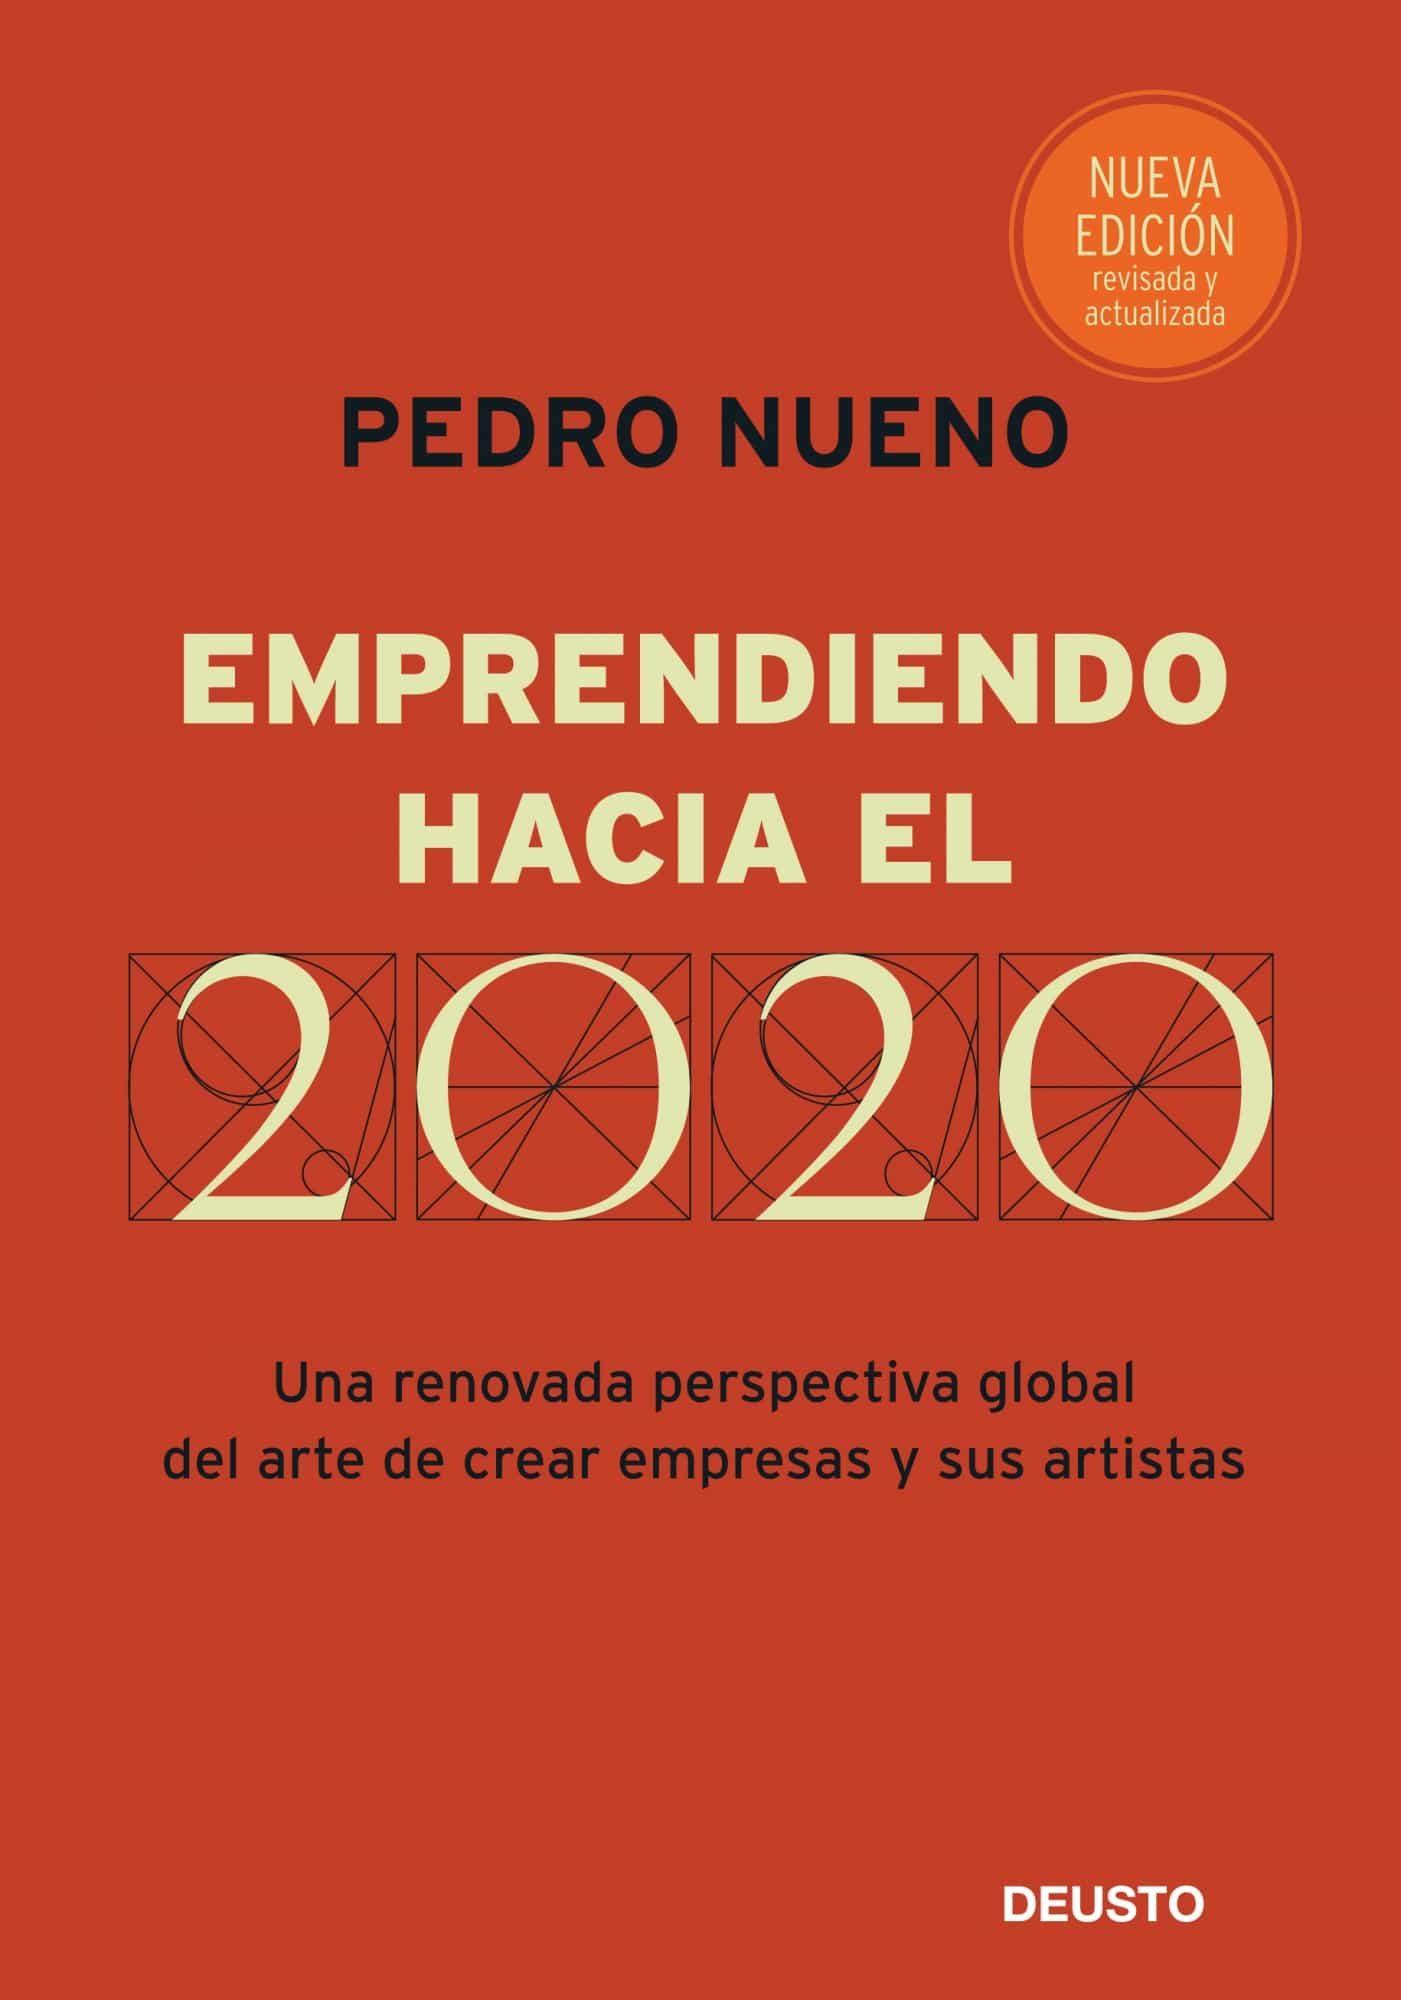 emprendiendo hacia el 2020: una renovada perspectiva global del a rte de crear empresas y sus artistas-pedro nueno-9788423426928